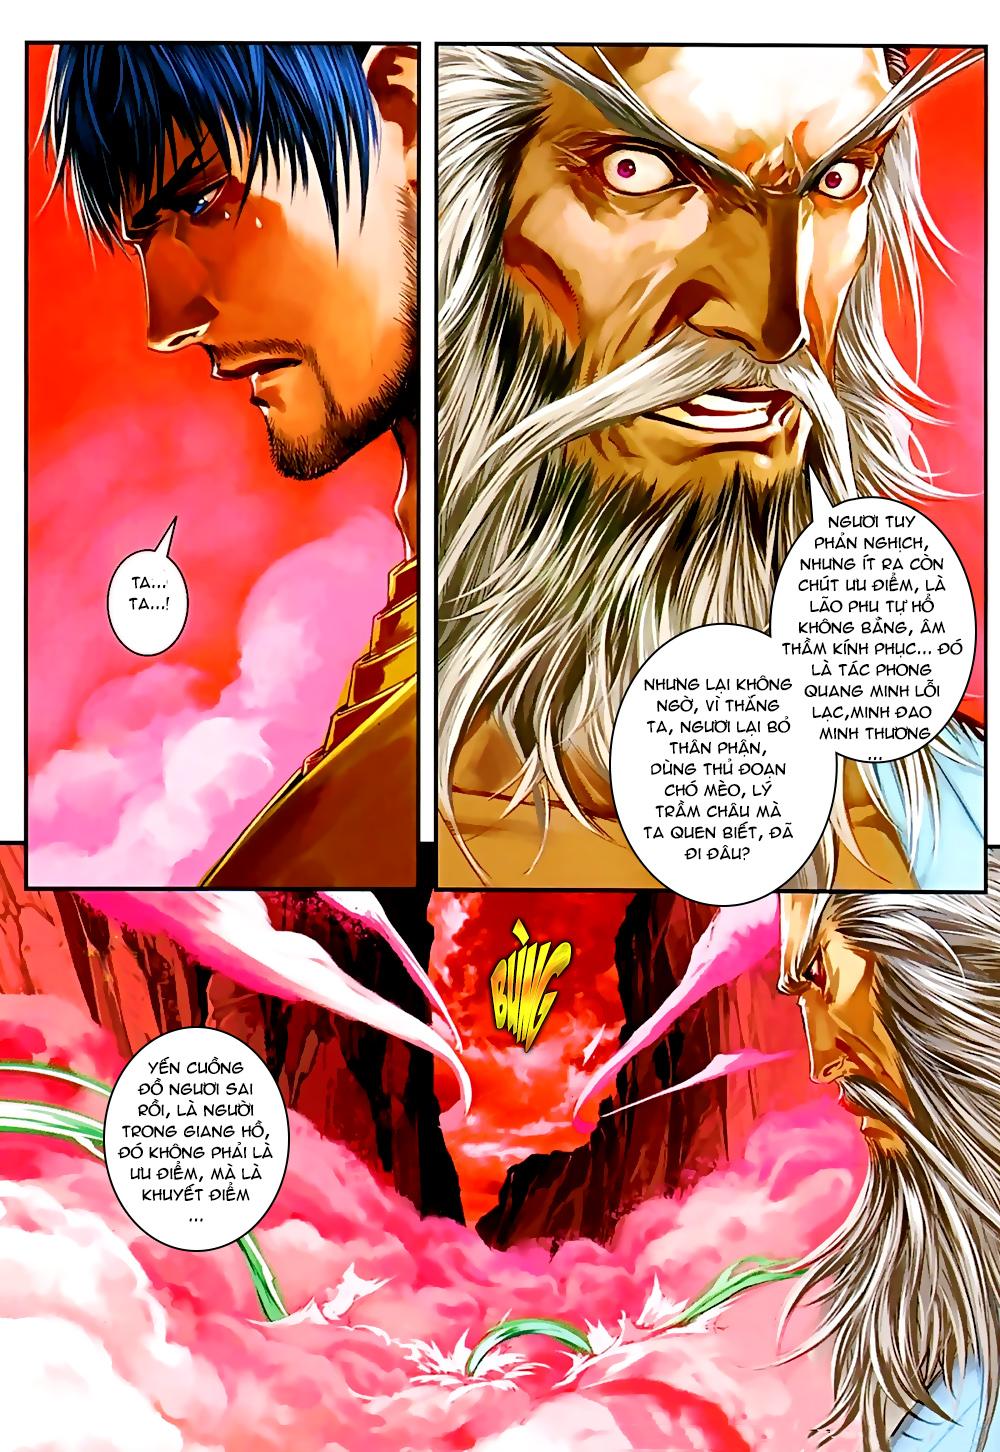 Ôn Thuỵ An Quần Hiệp Truyện Phần 2 chapter 33 trang 26